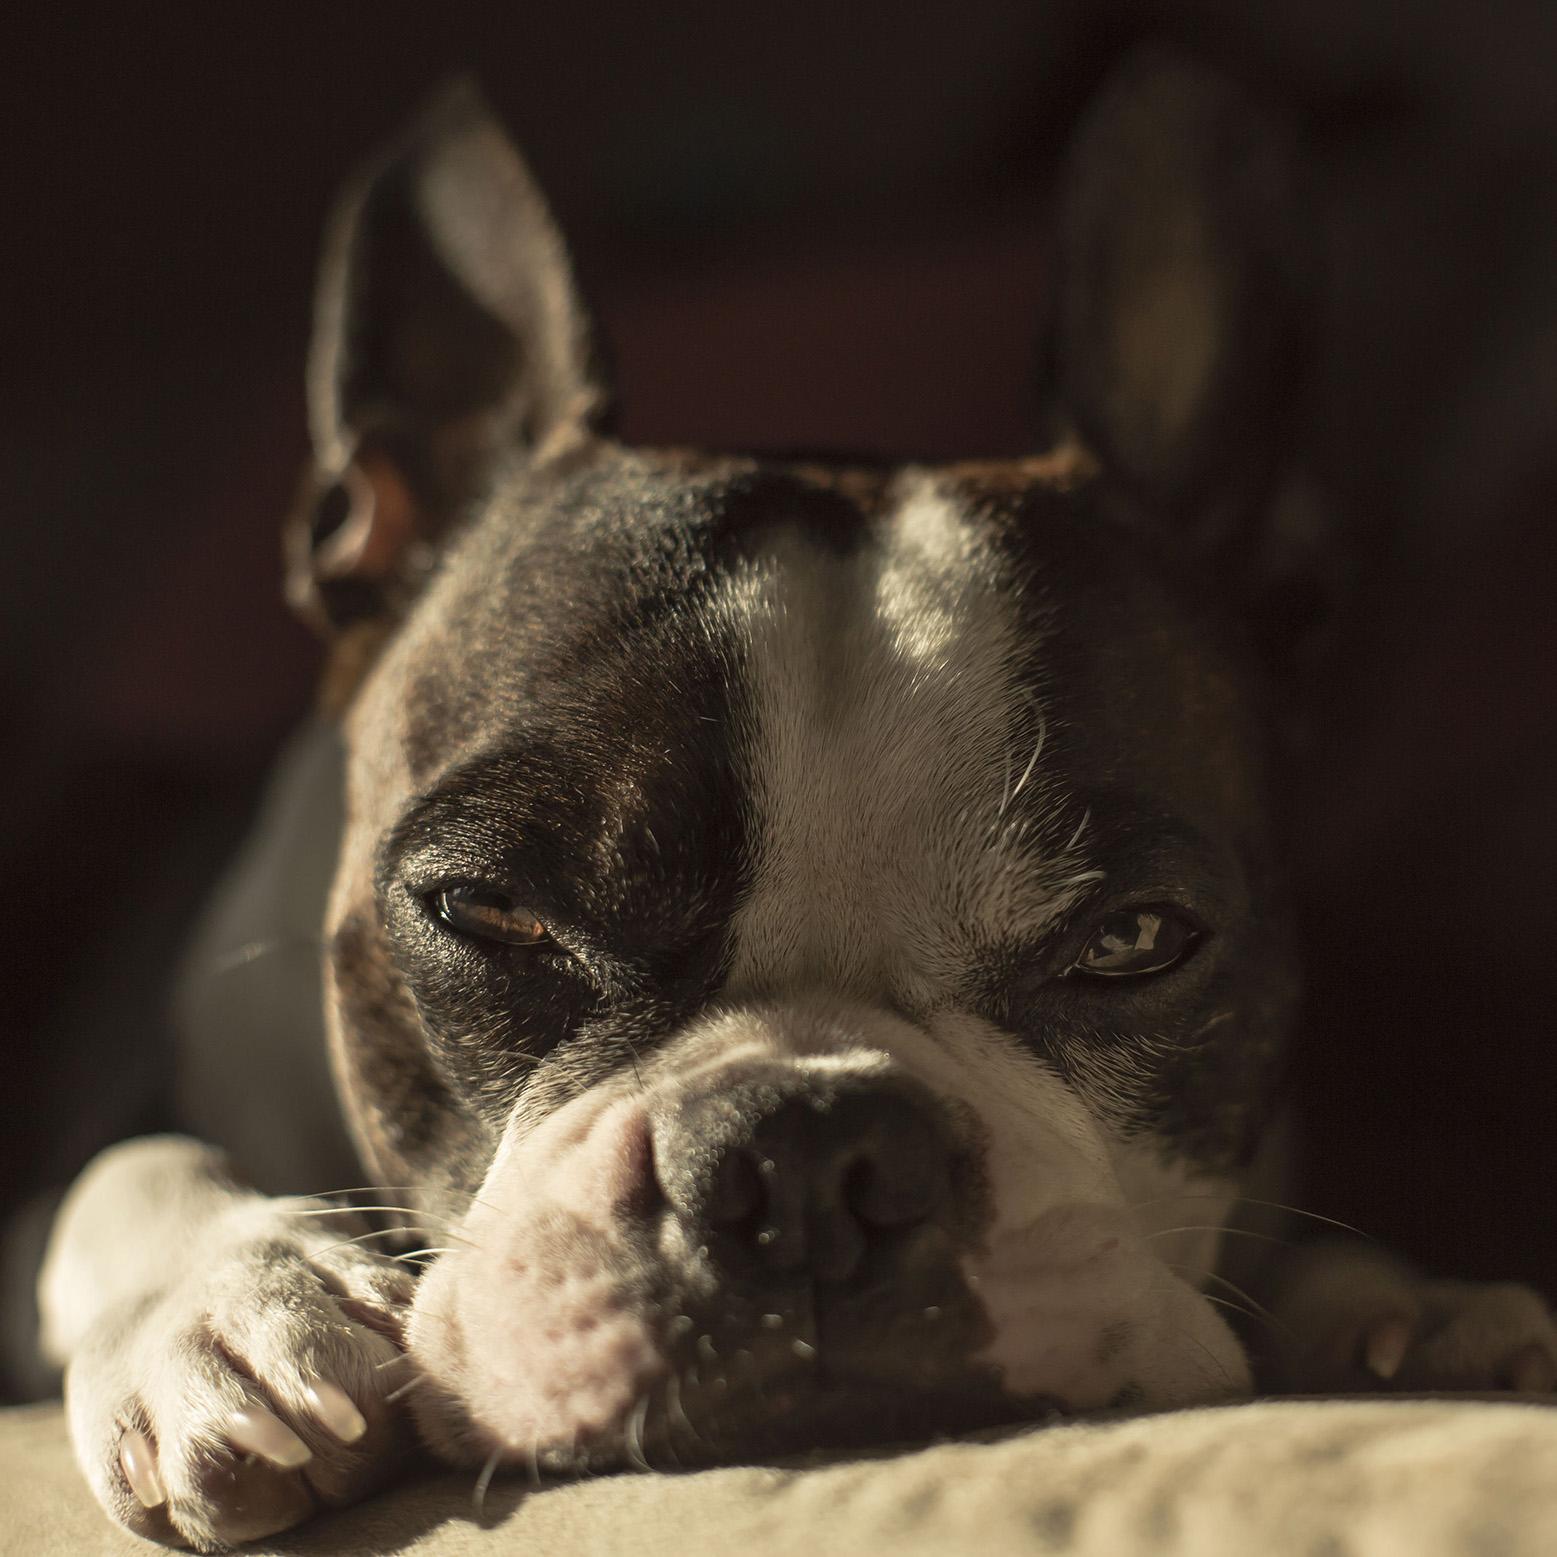 juan-perro-nap-time